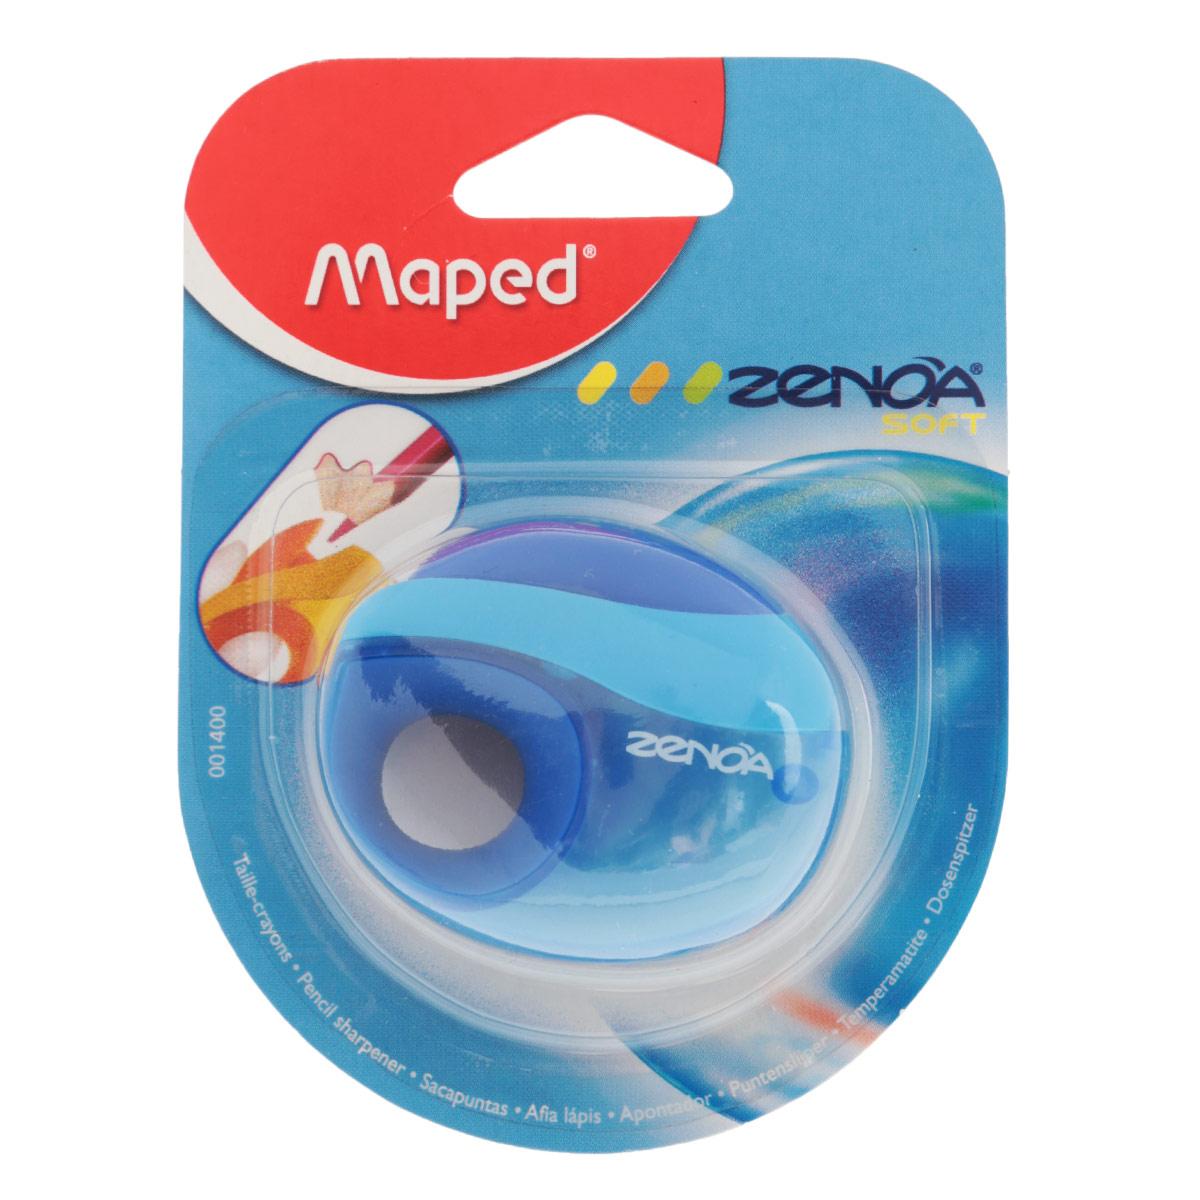 Точилка Maped Zenoa, с контейнером, цвет: синийCS-WP2501-1X30Точилка Zenoa выполнена из ударопрочного пластика. Имеется мягкий держатель для пальцев. Закрывается автоматически после использования, чтобы избежать попадания крошек графита в пенал. Полупрозрачный контейнер для сбора стружки позволяет визуально контролировать уровень заполнения и вовремя производить очистку.